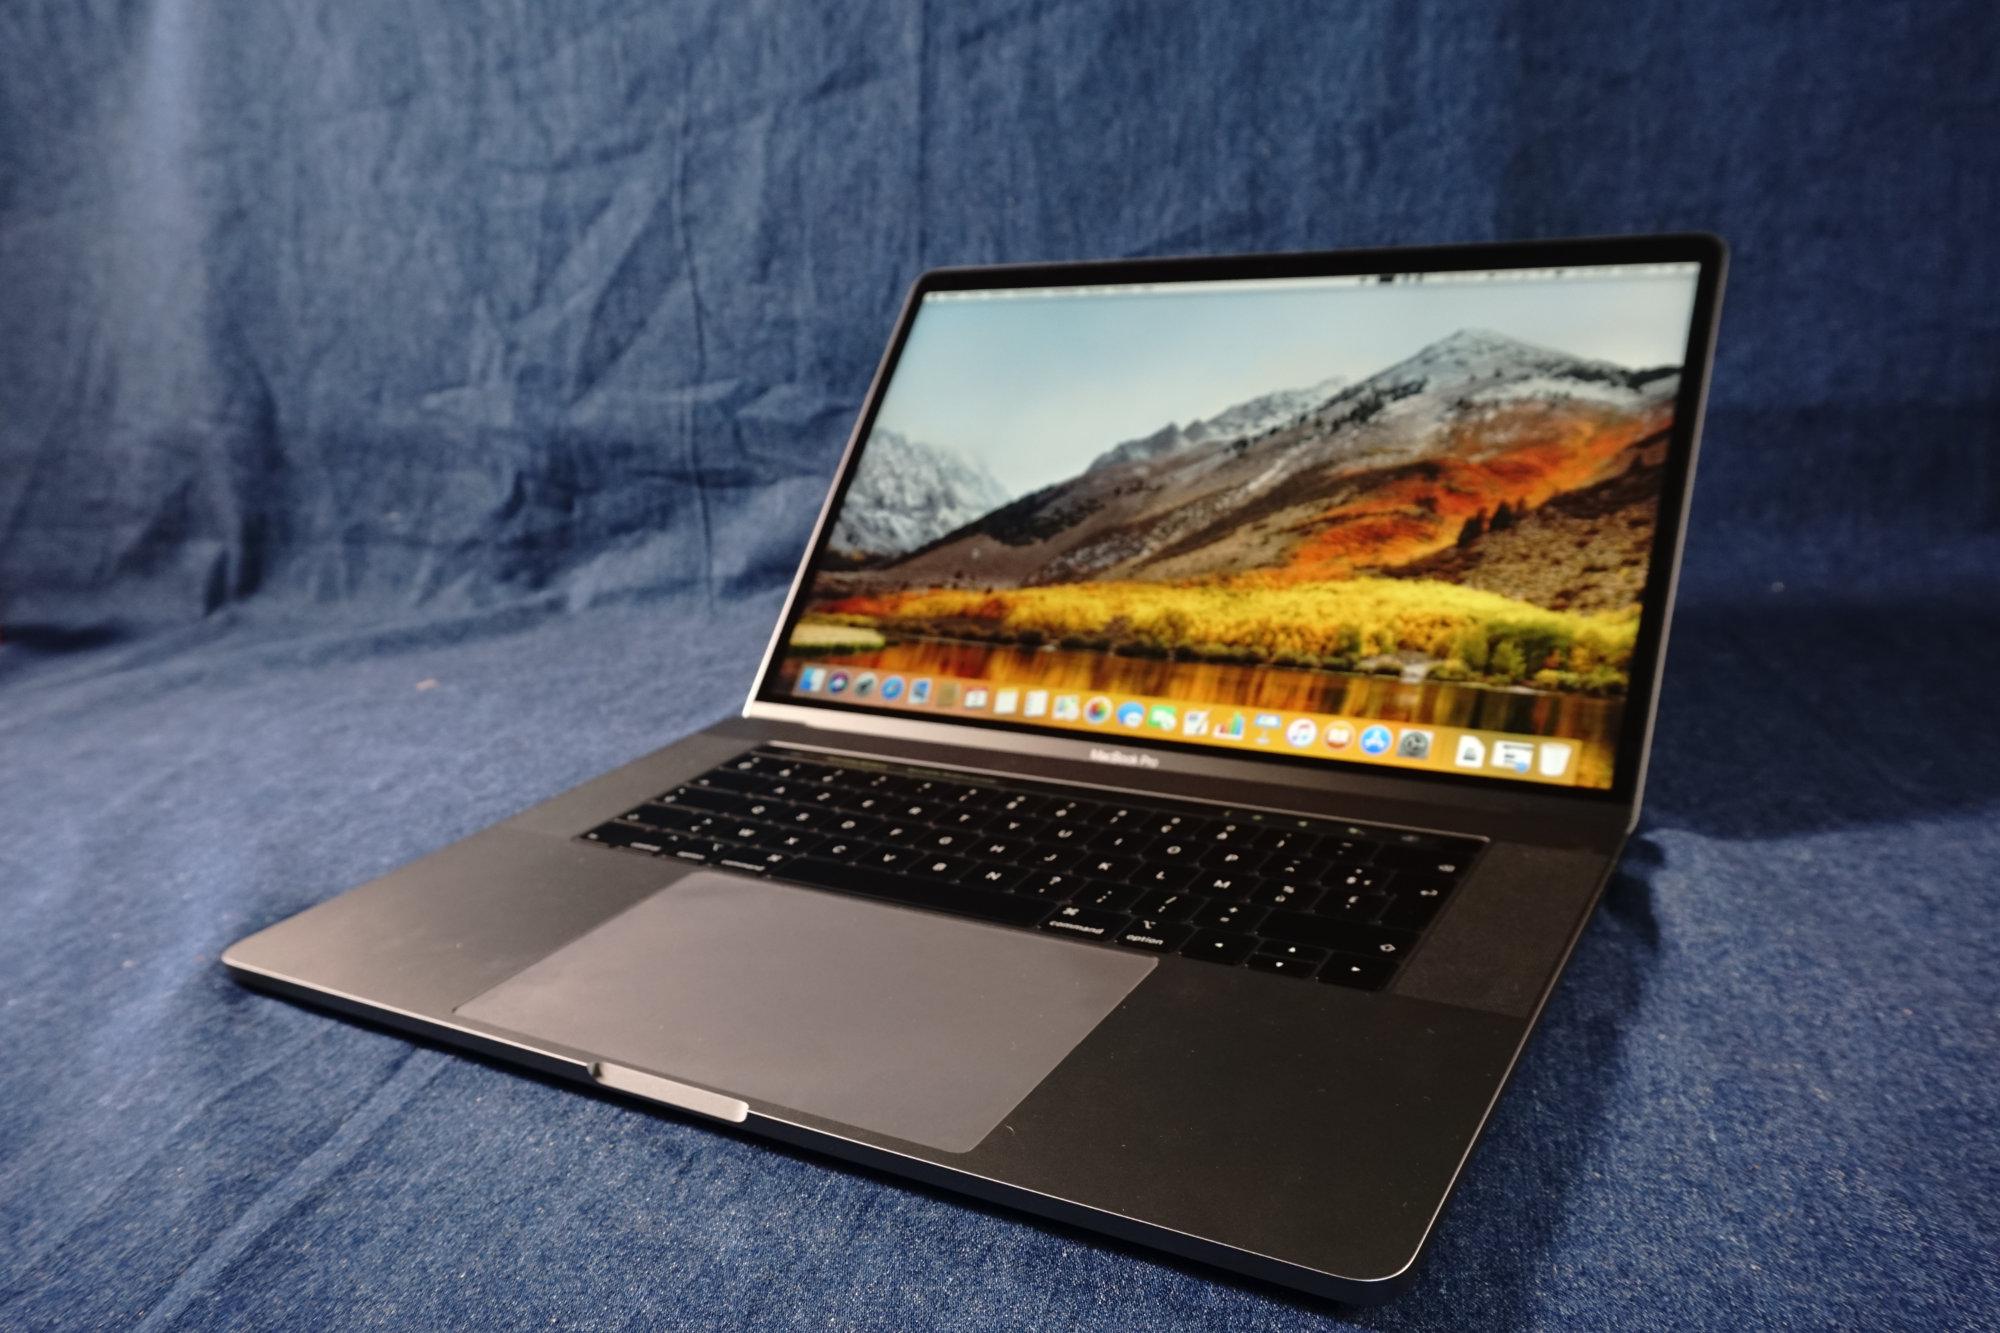 puis-je brancher deux moniteurs à mon MacBook Pro Comox Valley datant